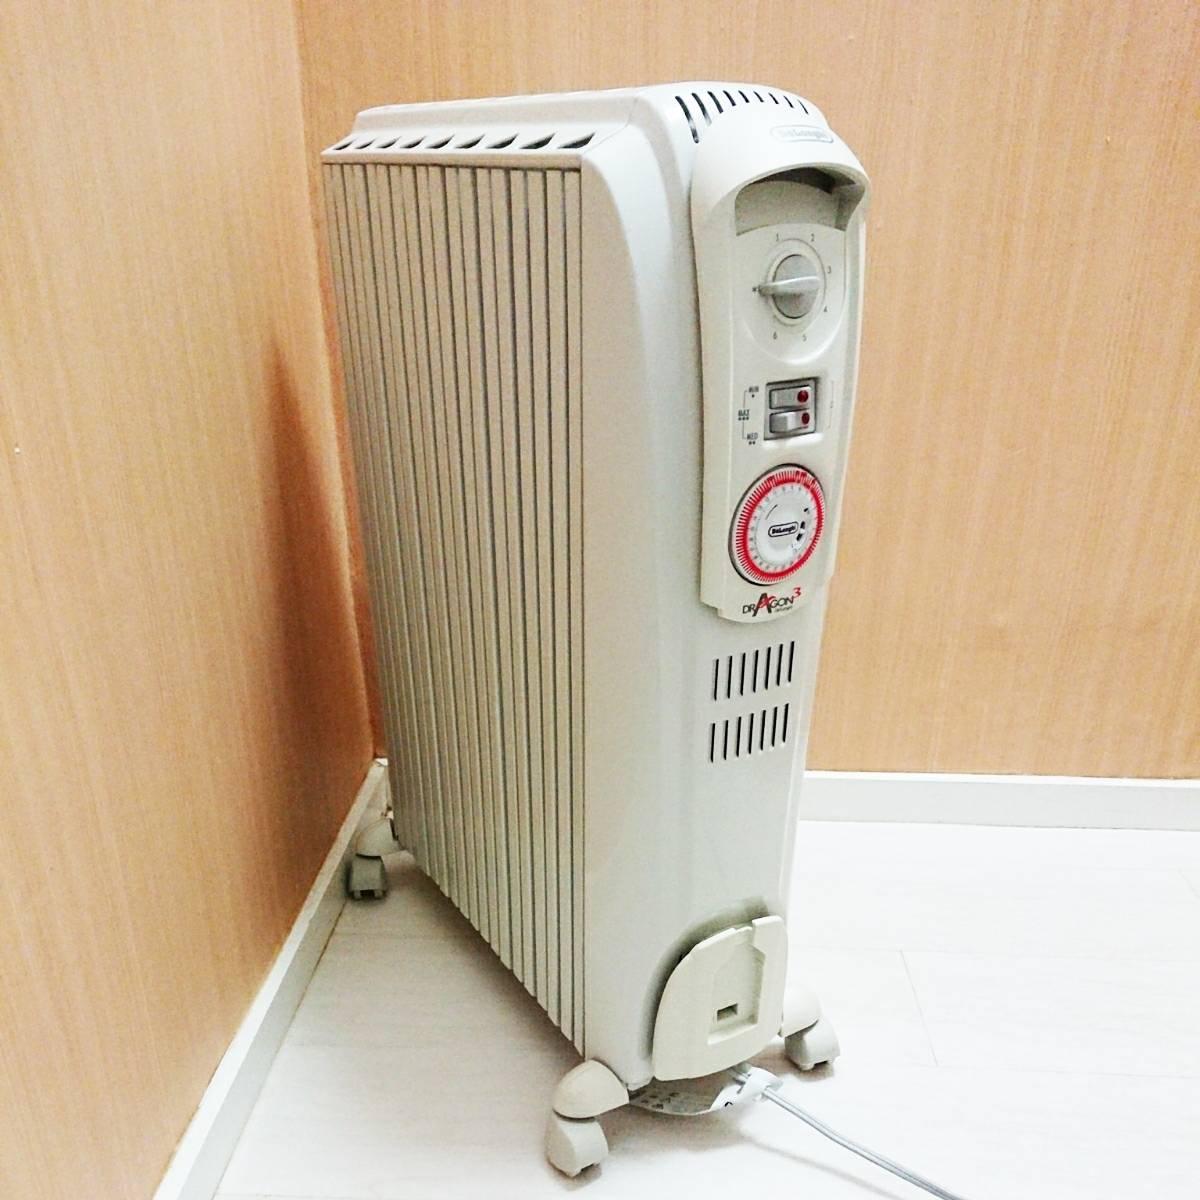 Выбор самого экономичного по электроэнергии домашнего обогревателя